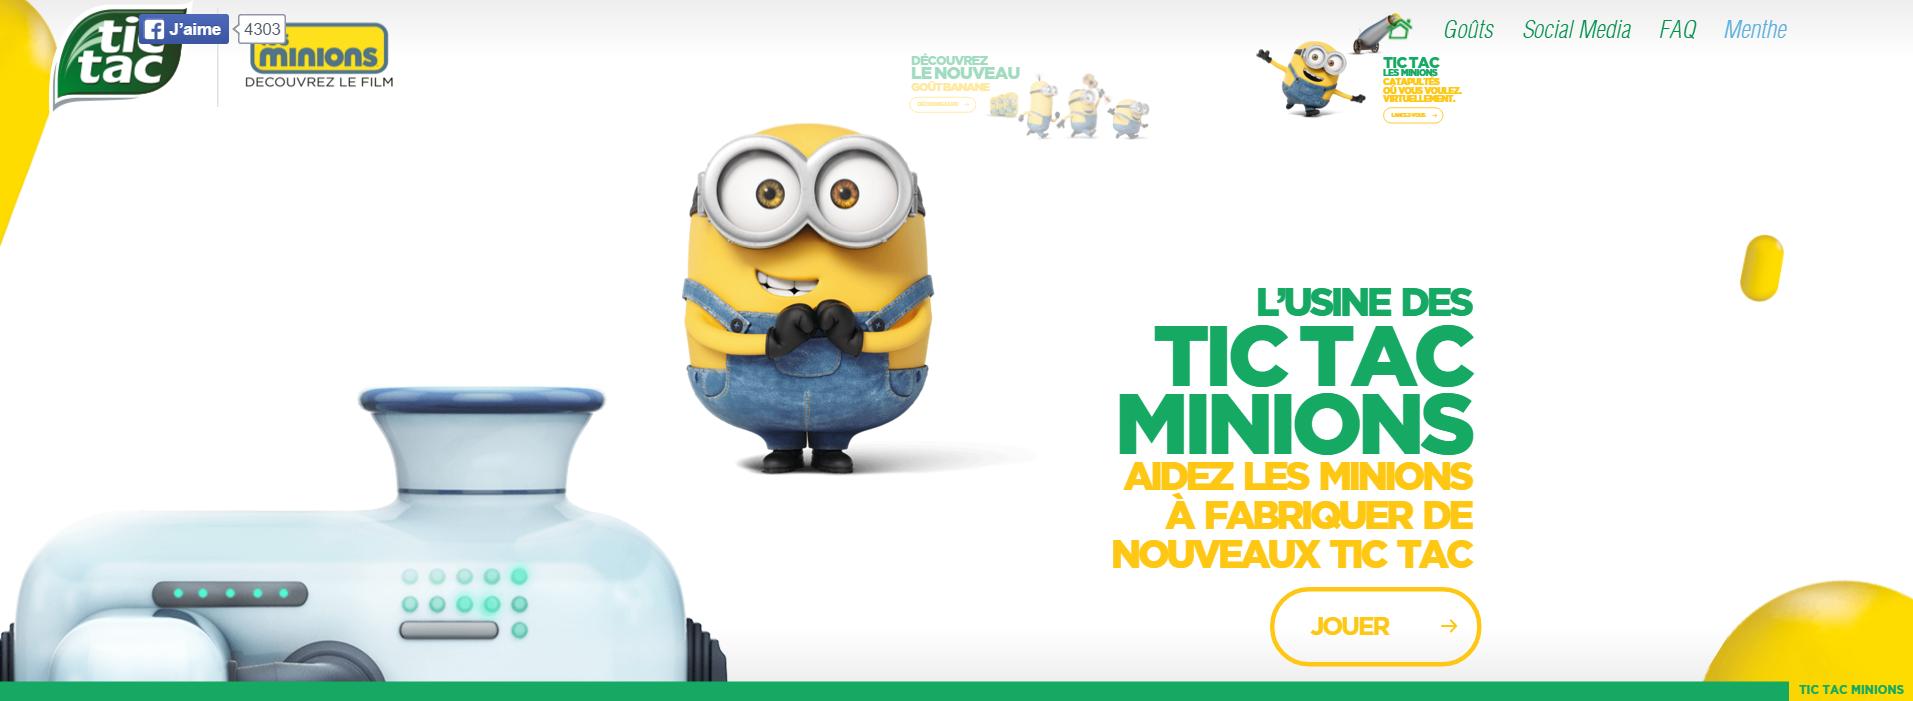 tic-tac minions 2